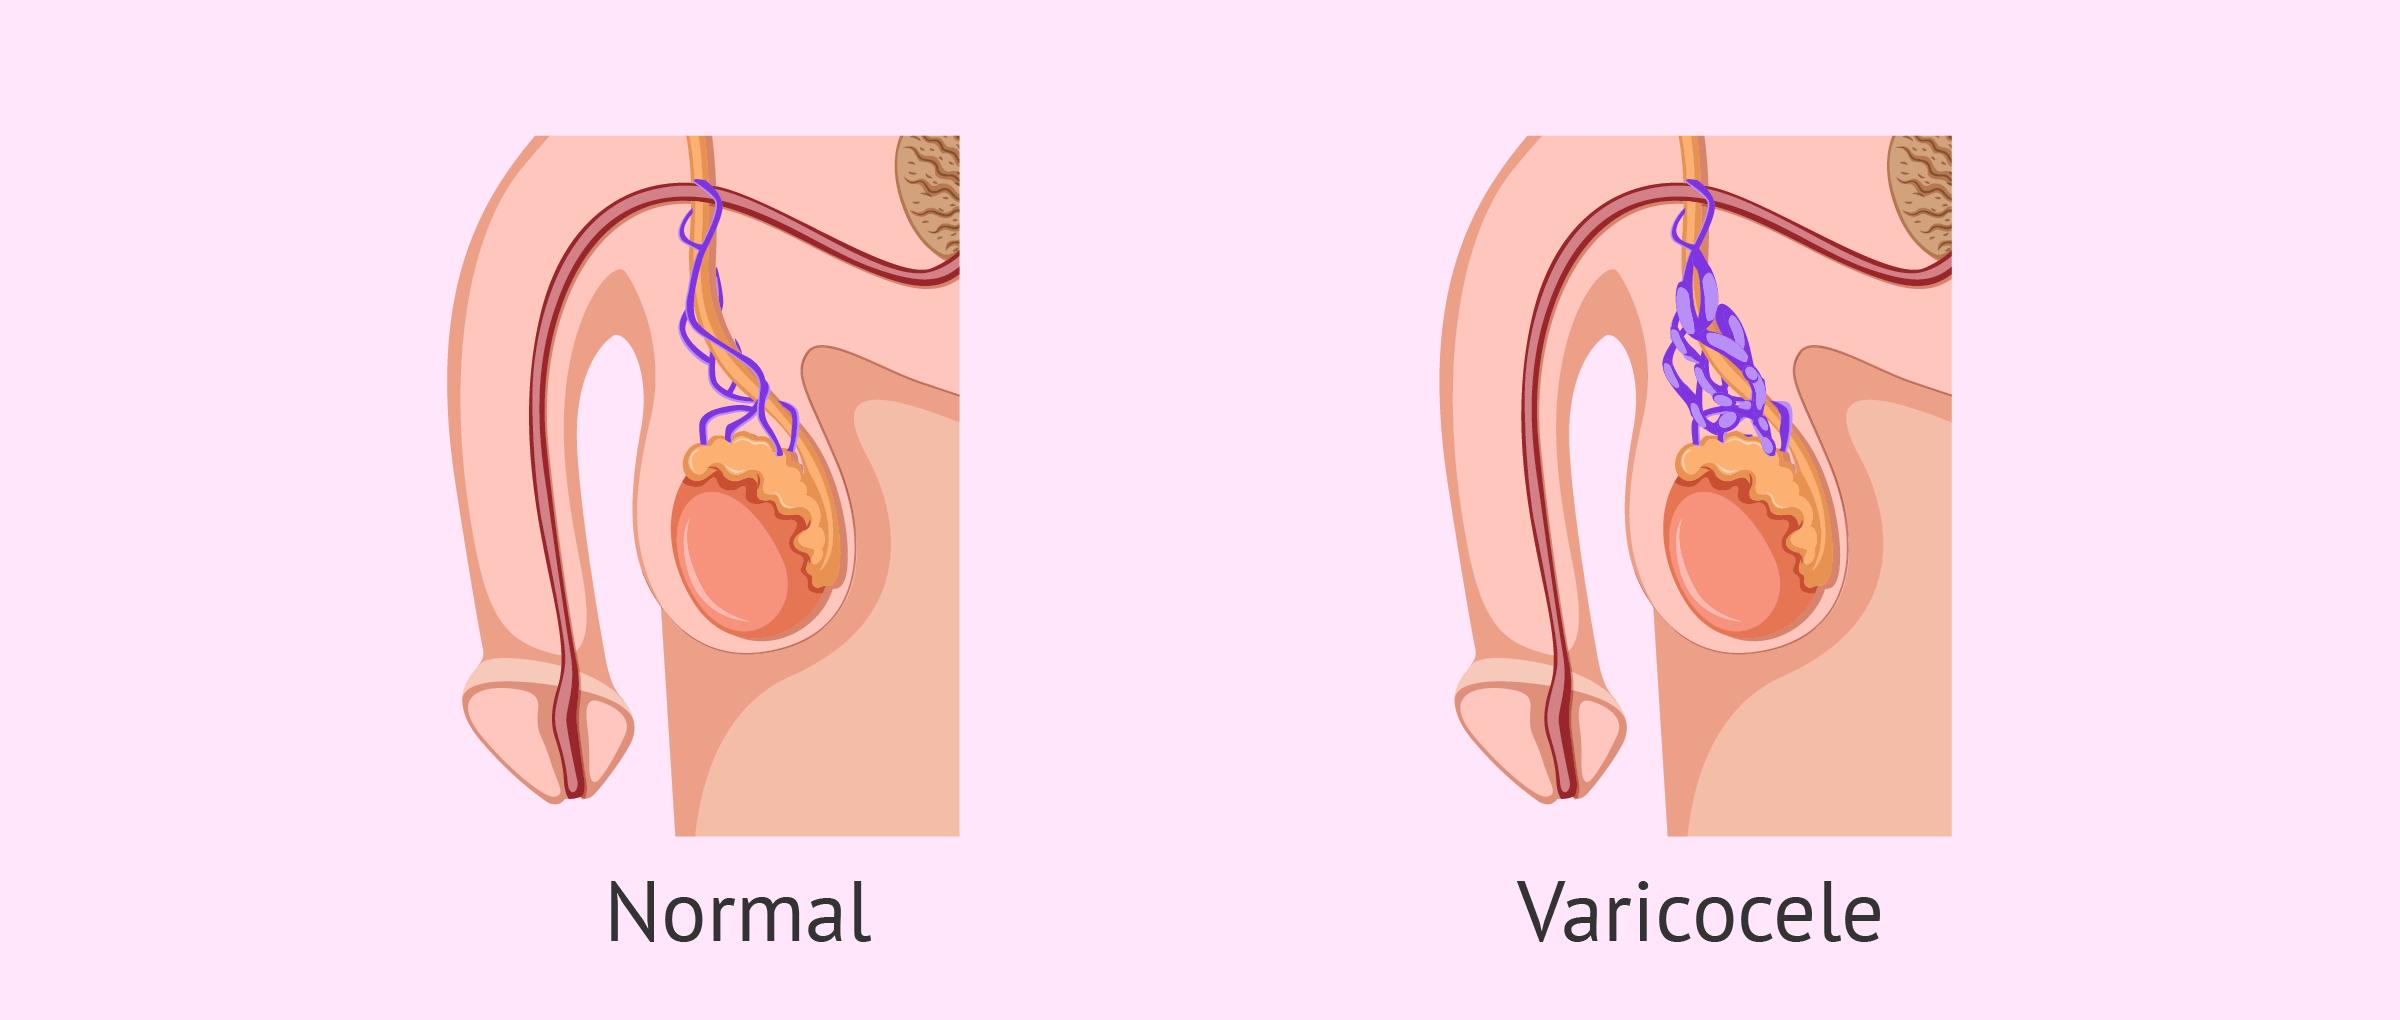 Comparació de genitals amb varicocele